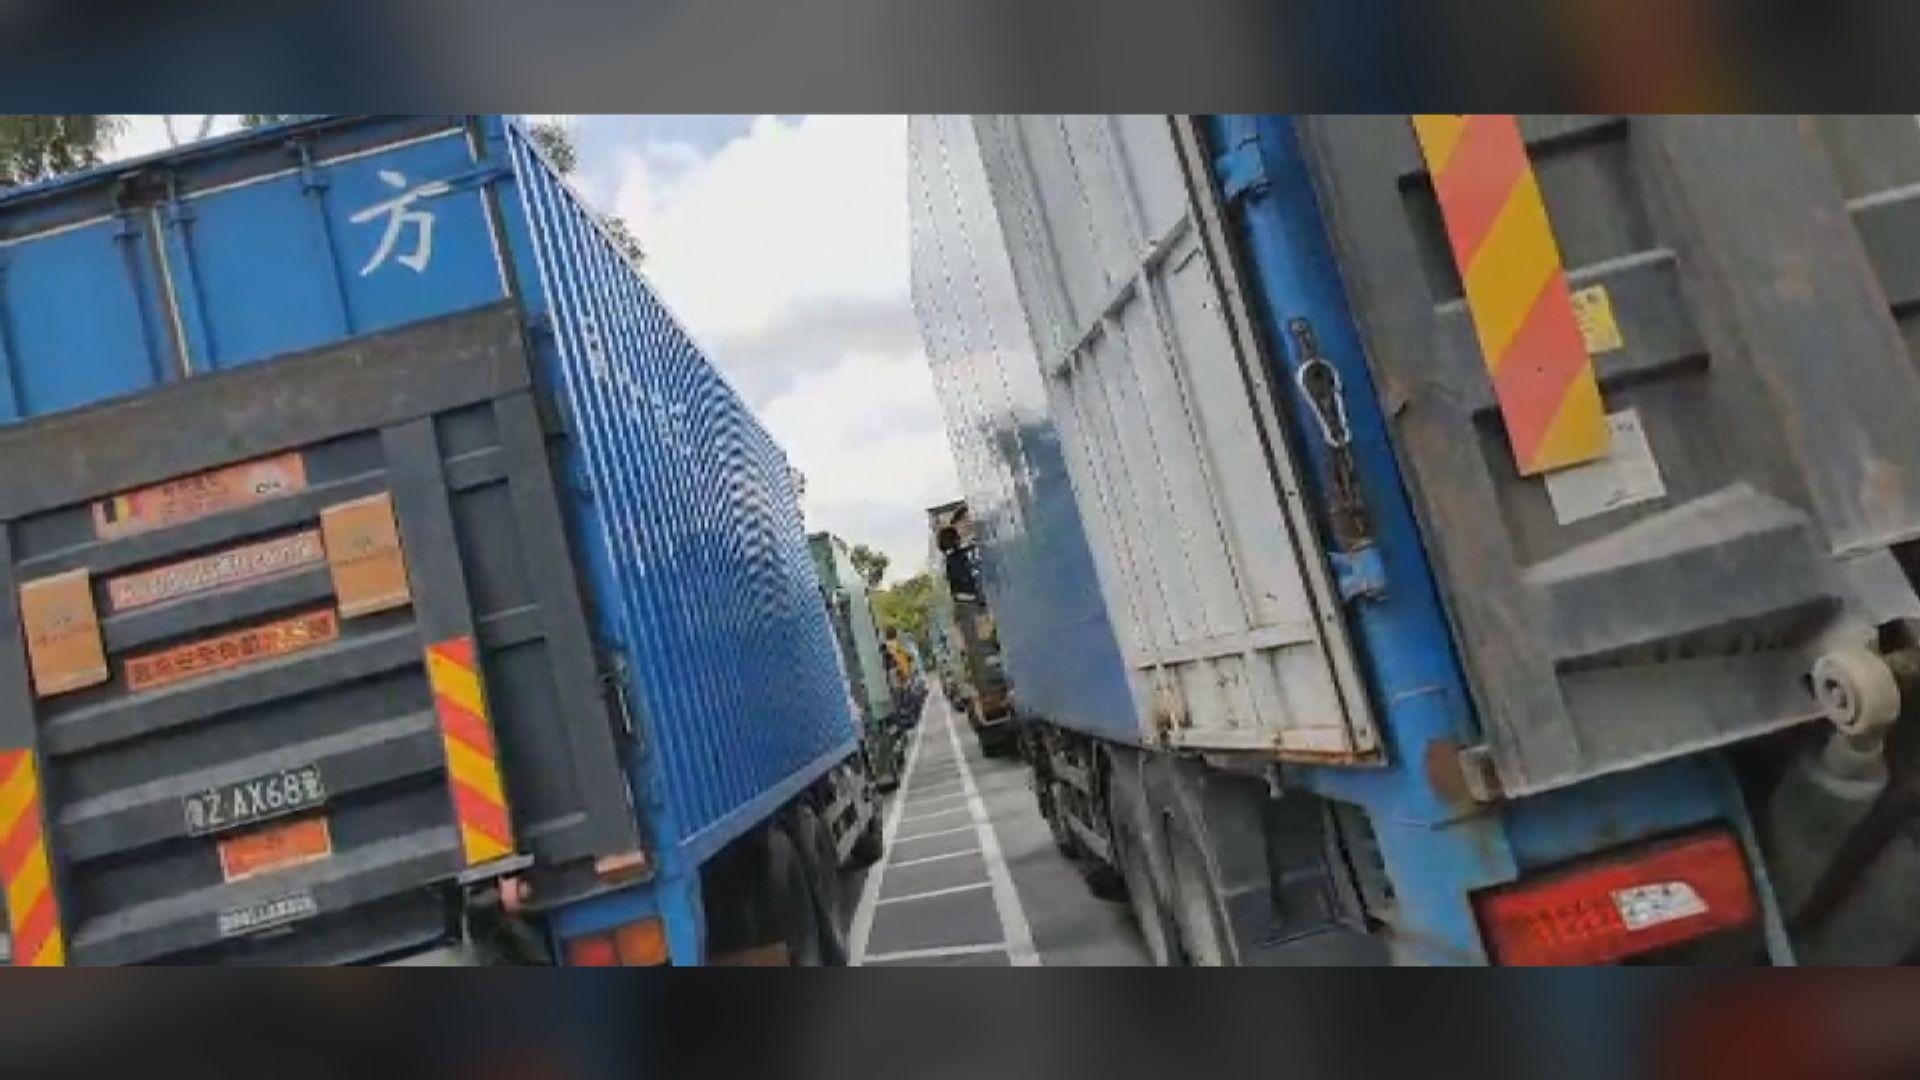 內地指跨境貨車司機入境新措施經粵港溝通協商後實施